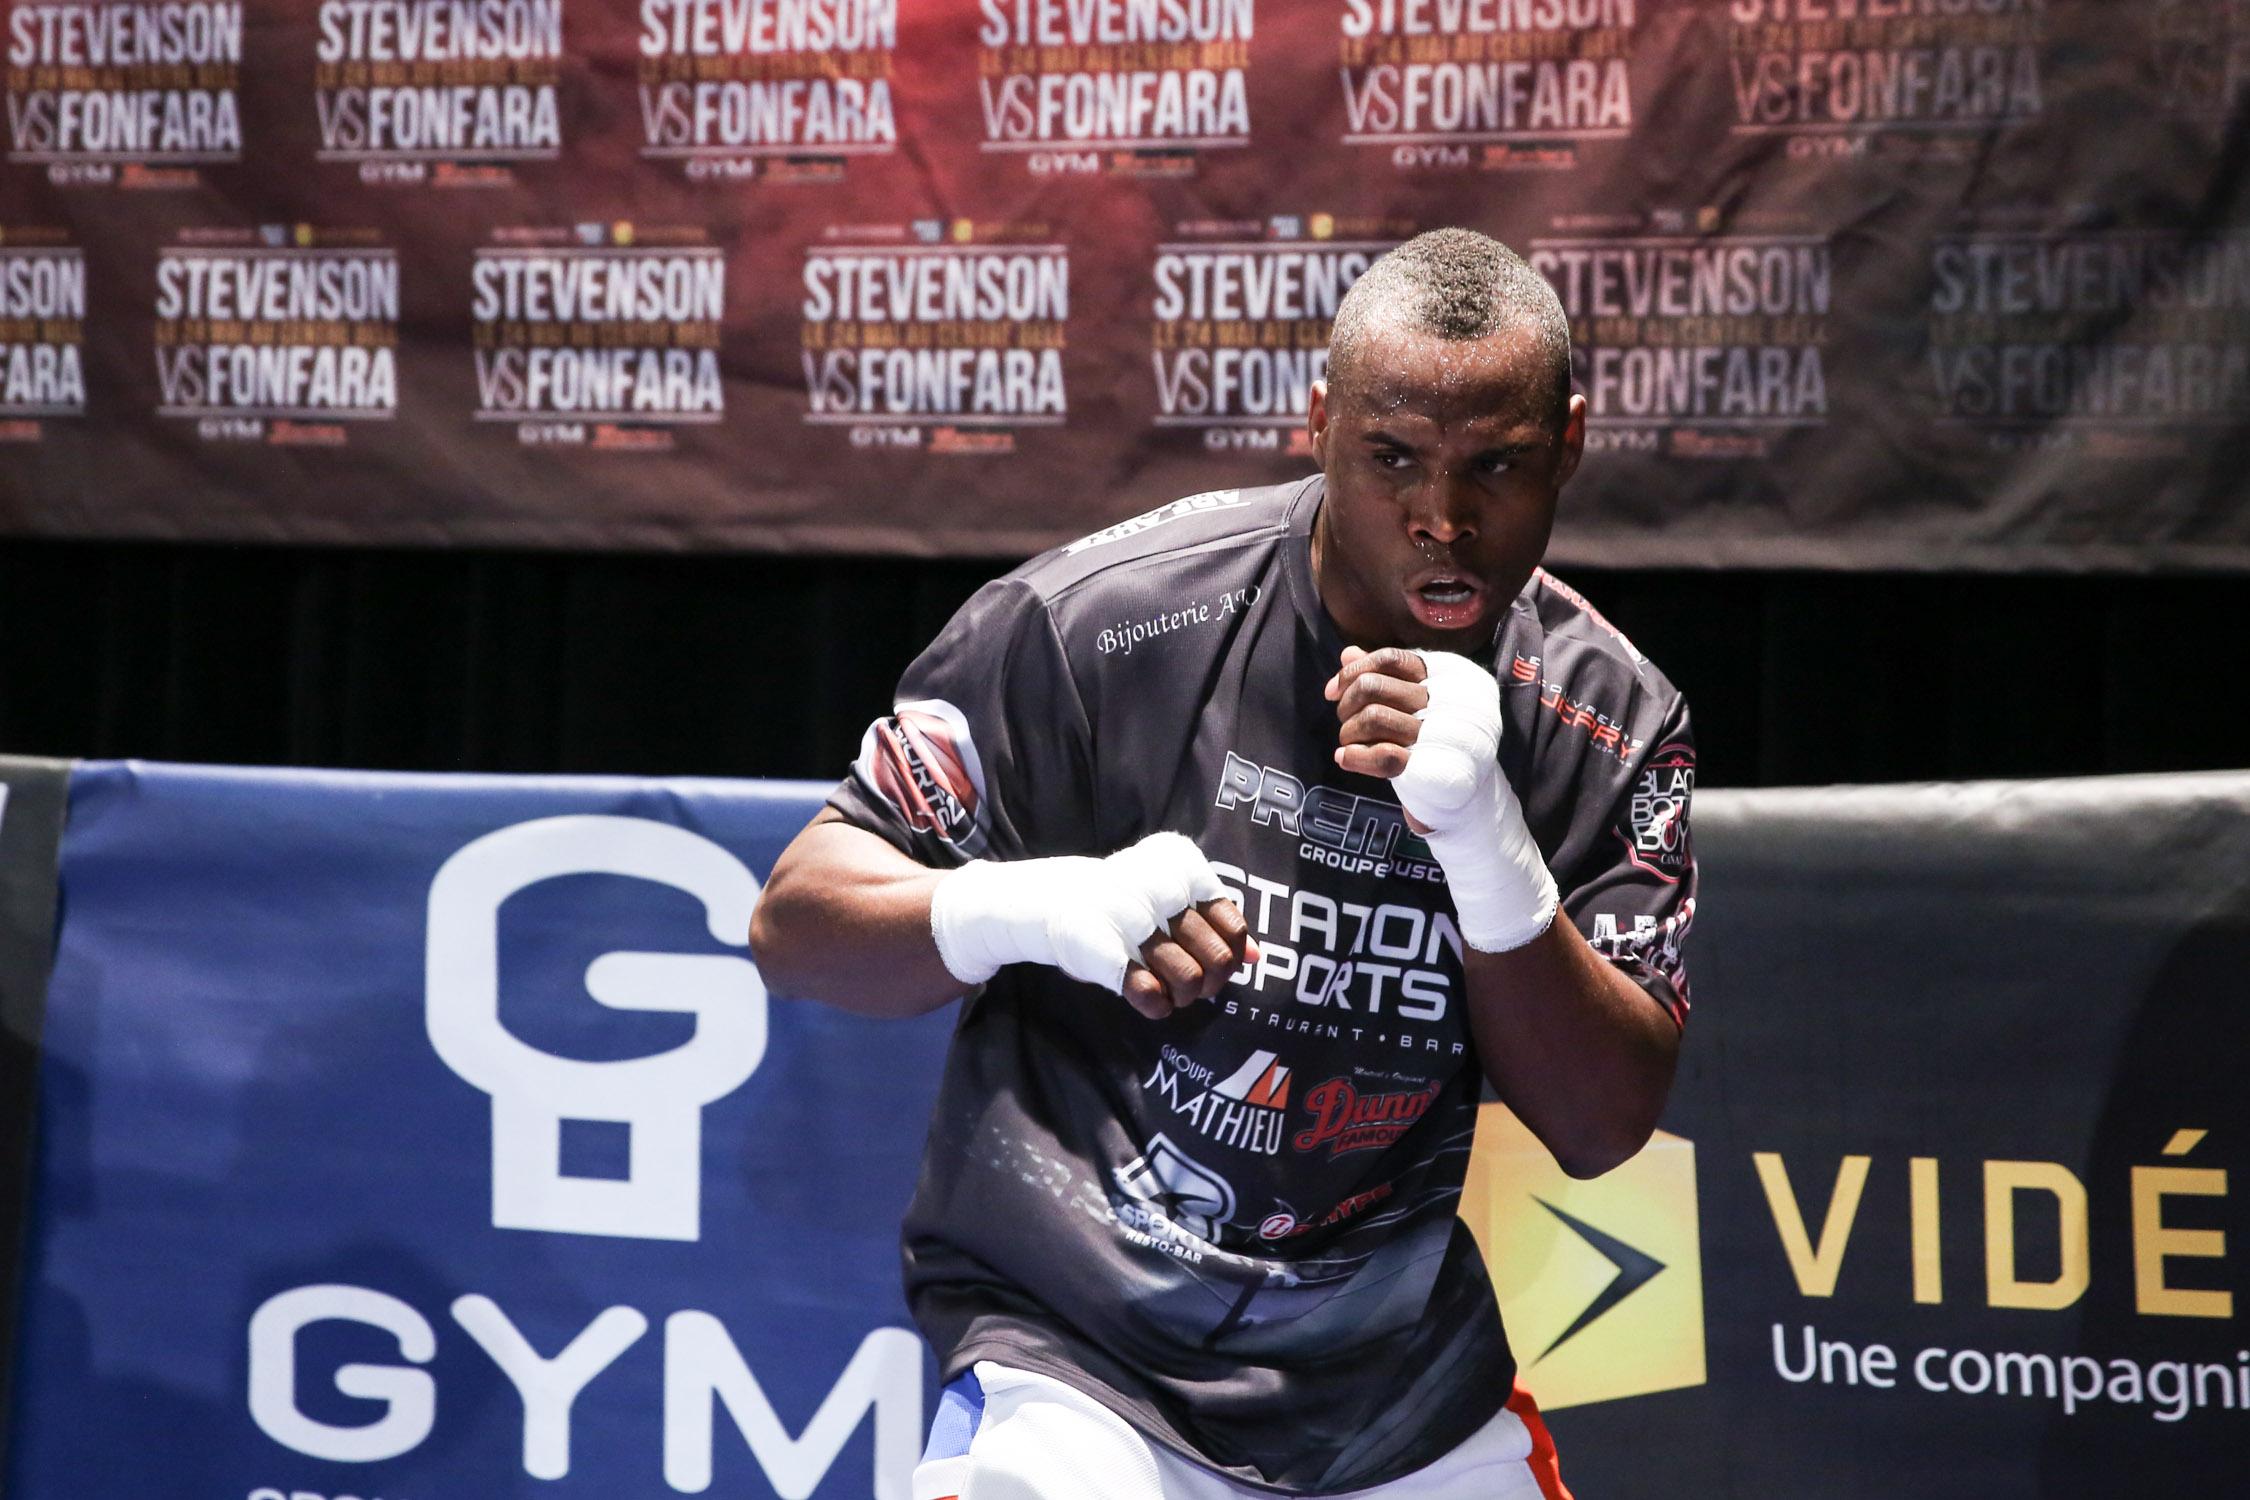 A Jack 2214 13 KO le faltó el resuello final para poner fuera del ring al rey del Consejo Mundial del Boxeo